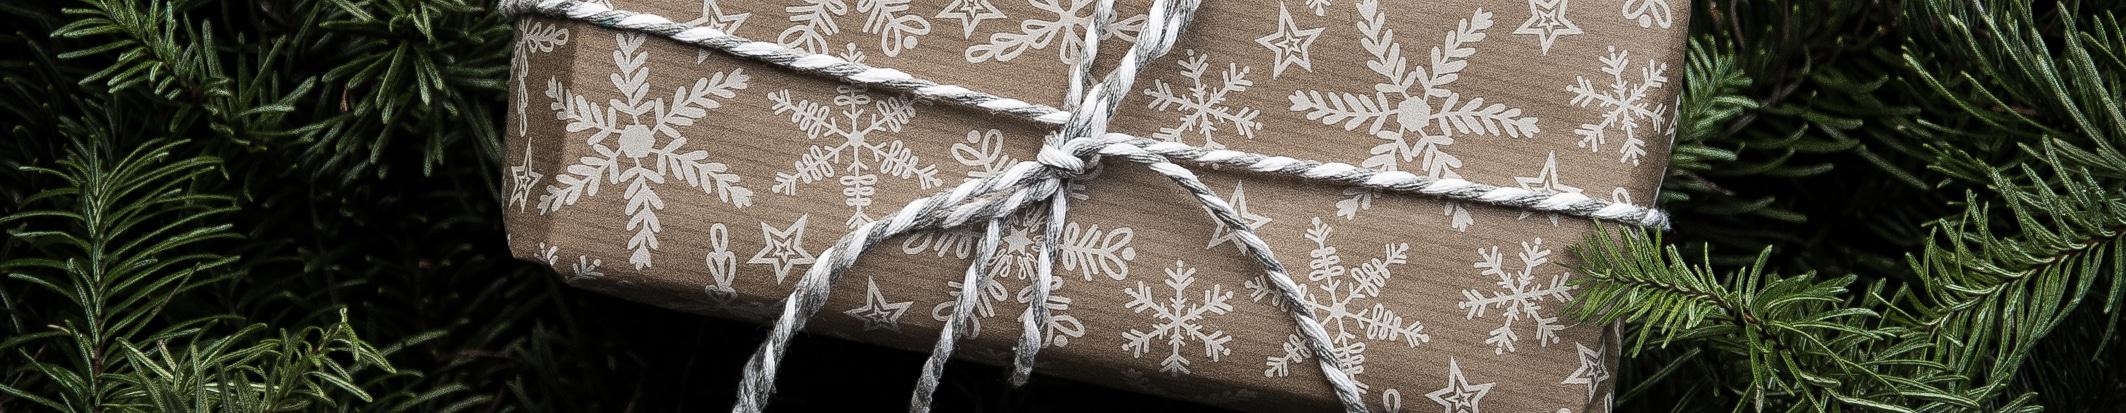 julklappsrim snygg väska